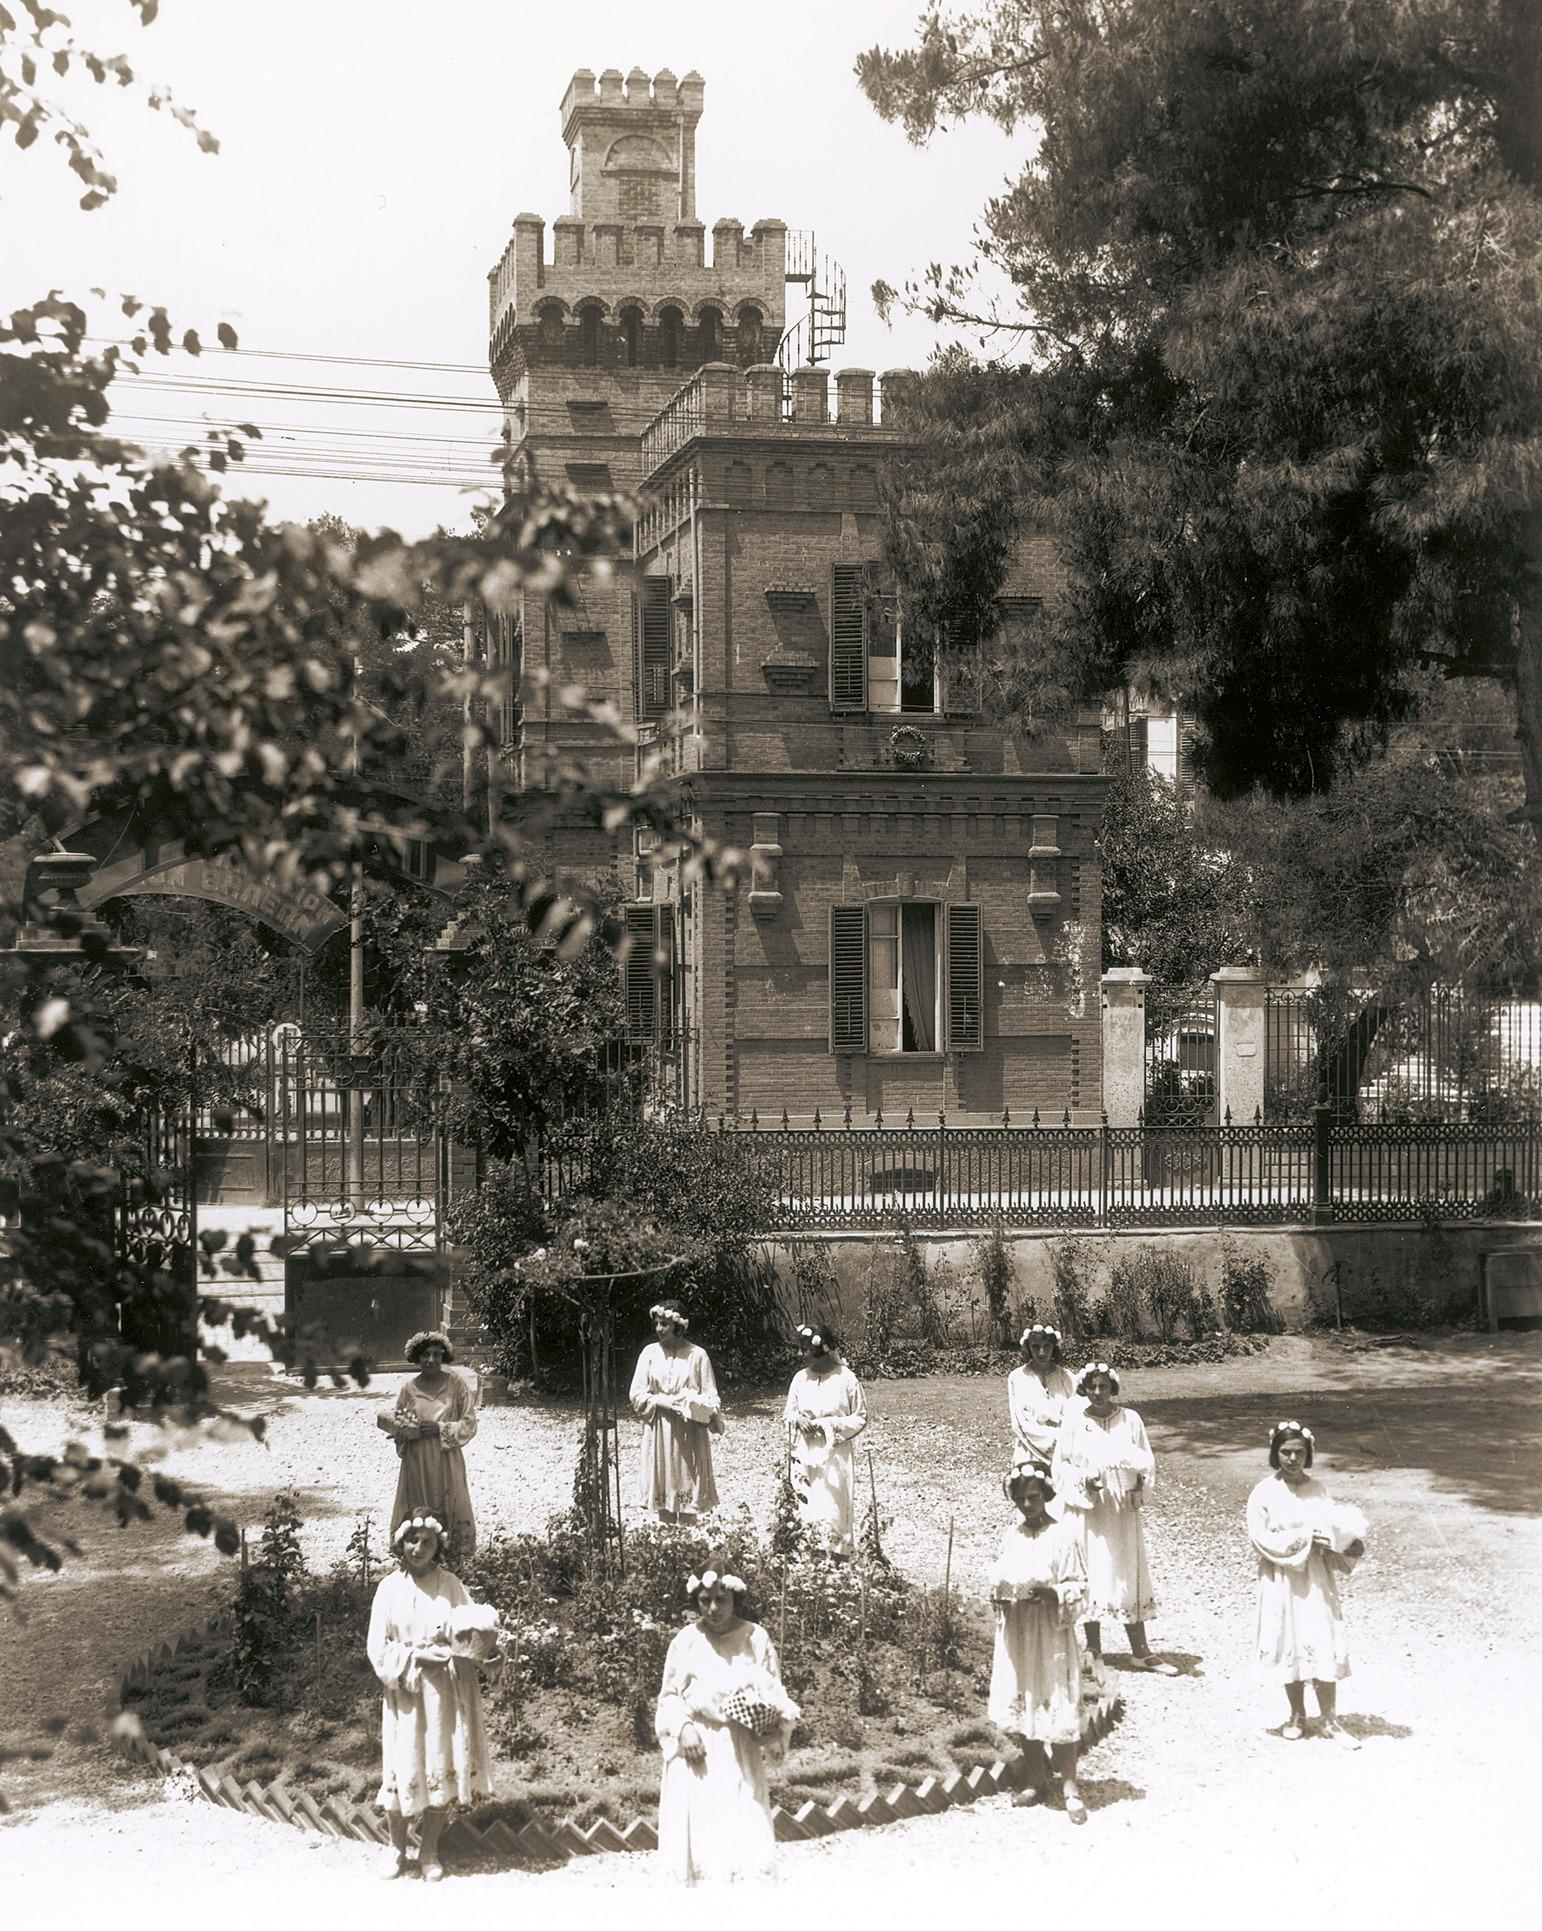 """Προβολή του ντοκιμαντέρ της Πολιτιστικής Εταιρείας """"Η ιστορία της συνοικίας των Εξοχών, Θεσσαλονίκη (1885 – 1912)"""""""